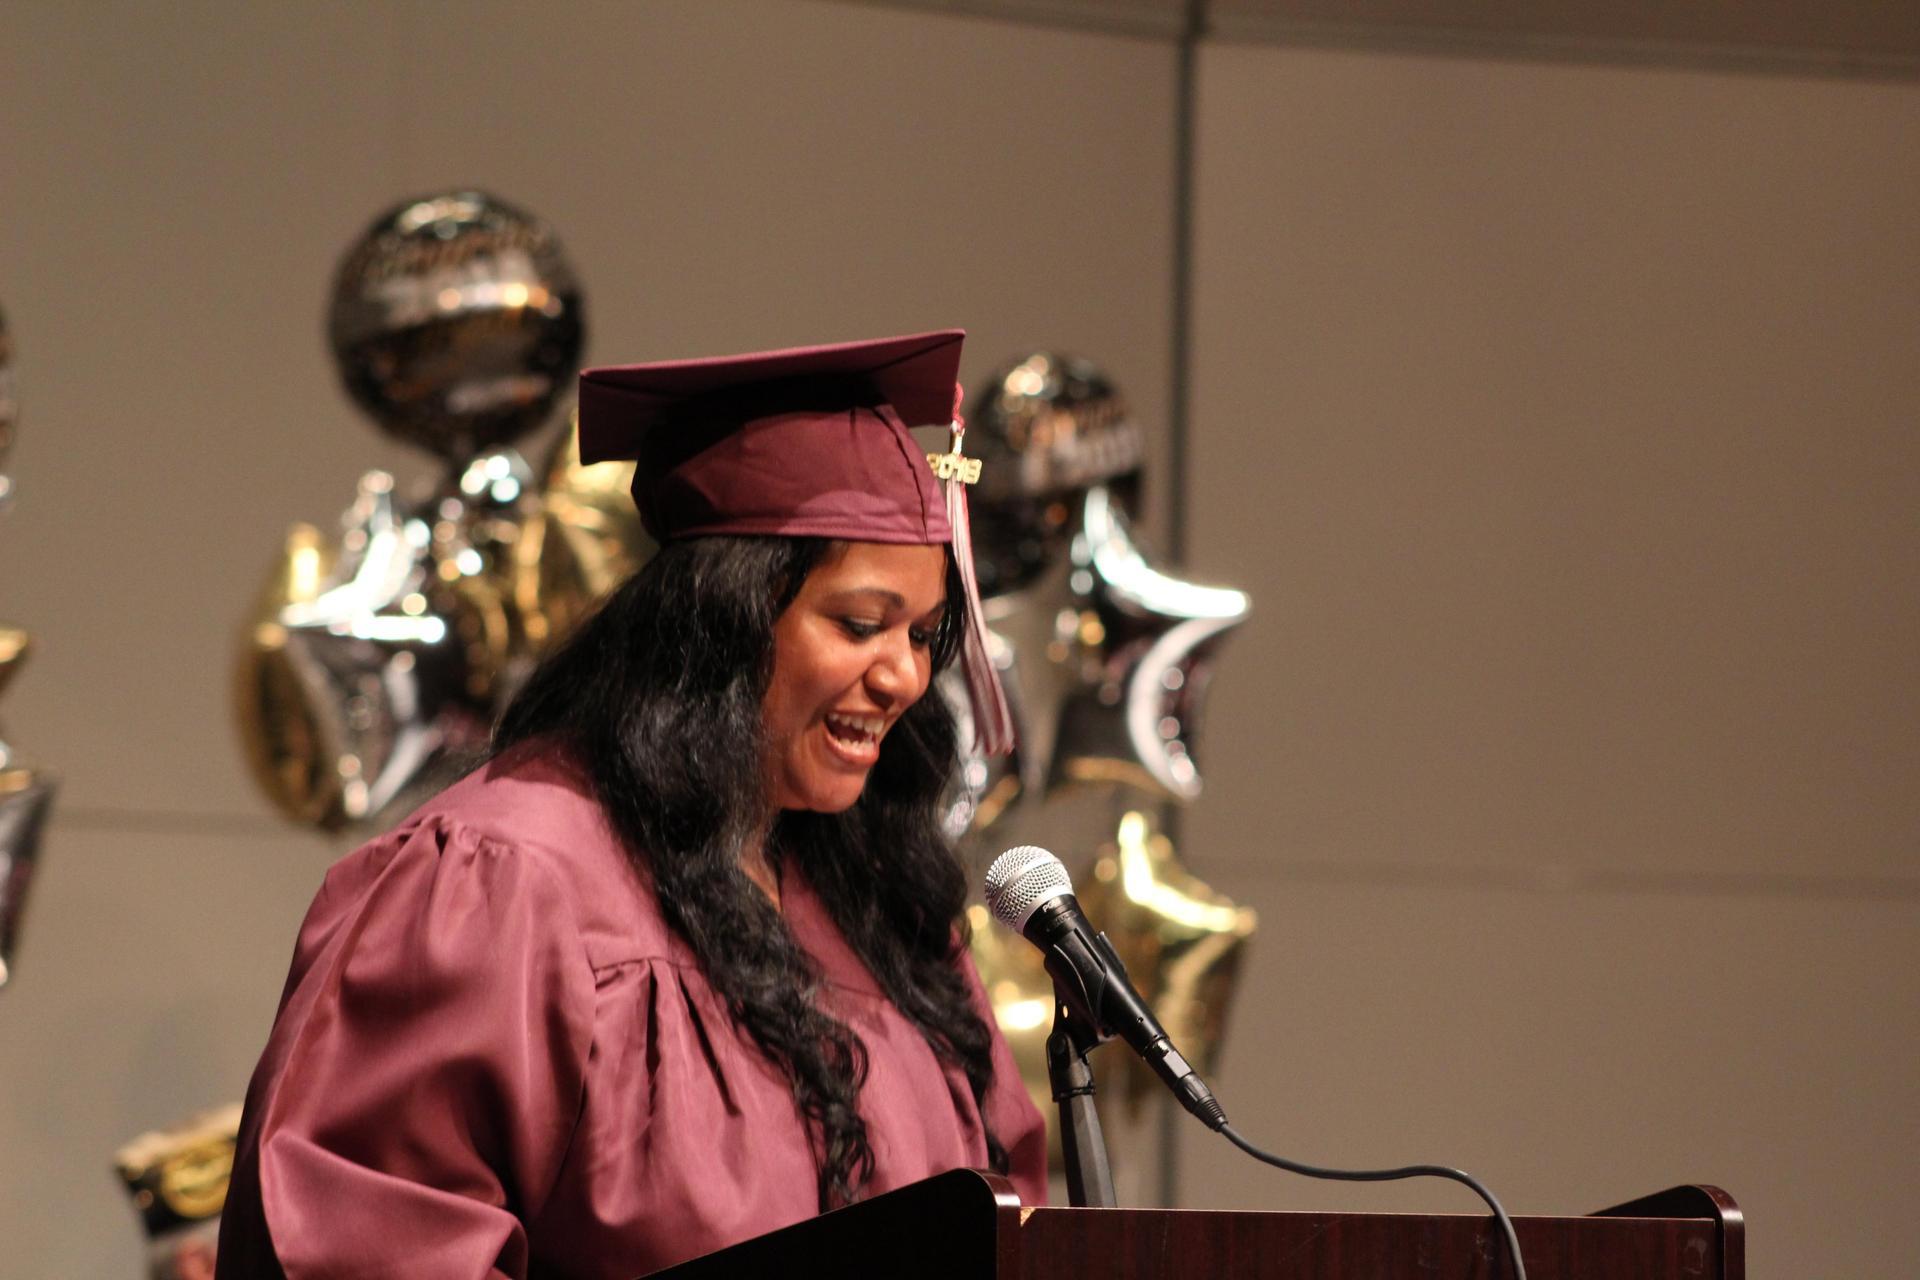 Graduate speaking at podium during graduation ceremony